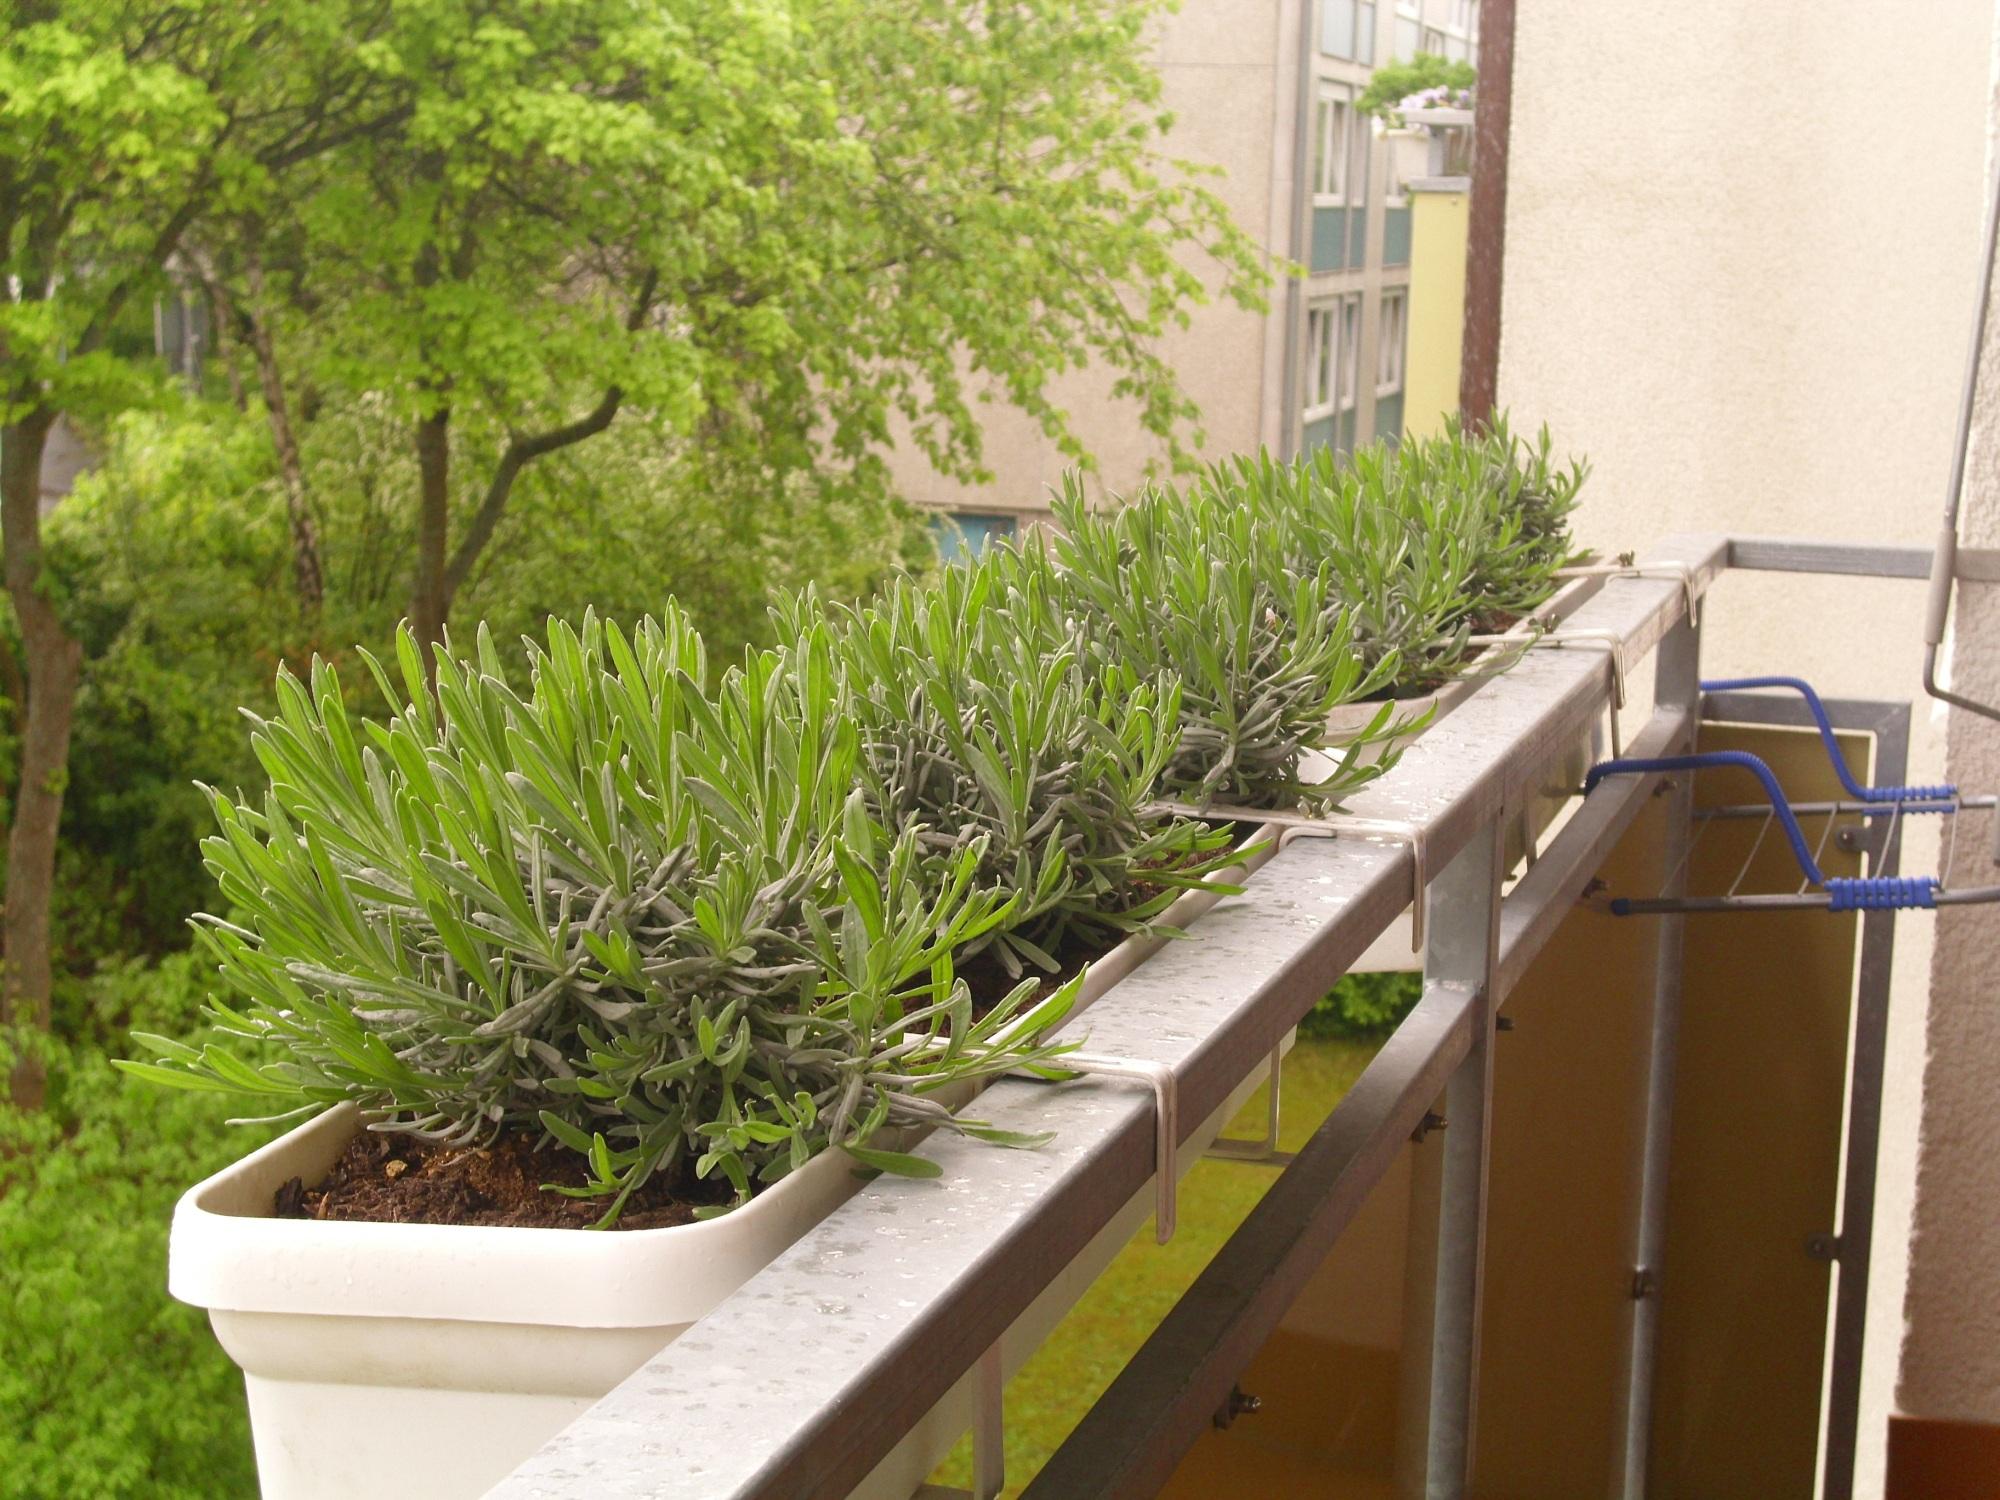 lavendel pflanzen balkon lavendel auf dem balkon kultivieren so gedeiht er am besten lavendel. Black Bedroom Furniture Sets. Home Design Ideas